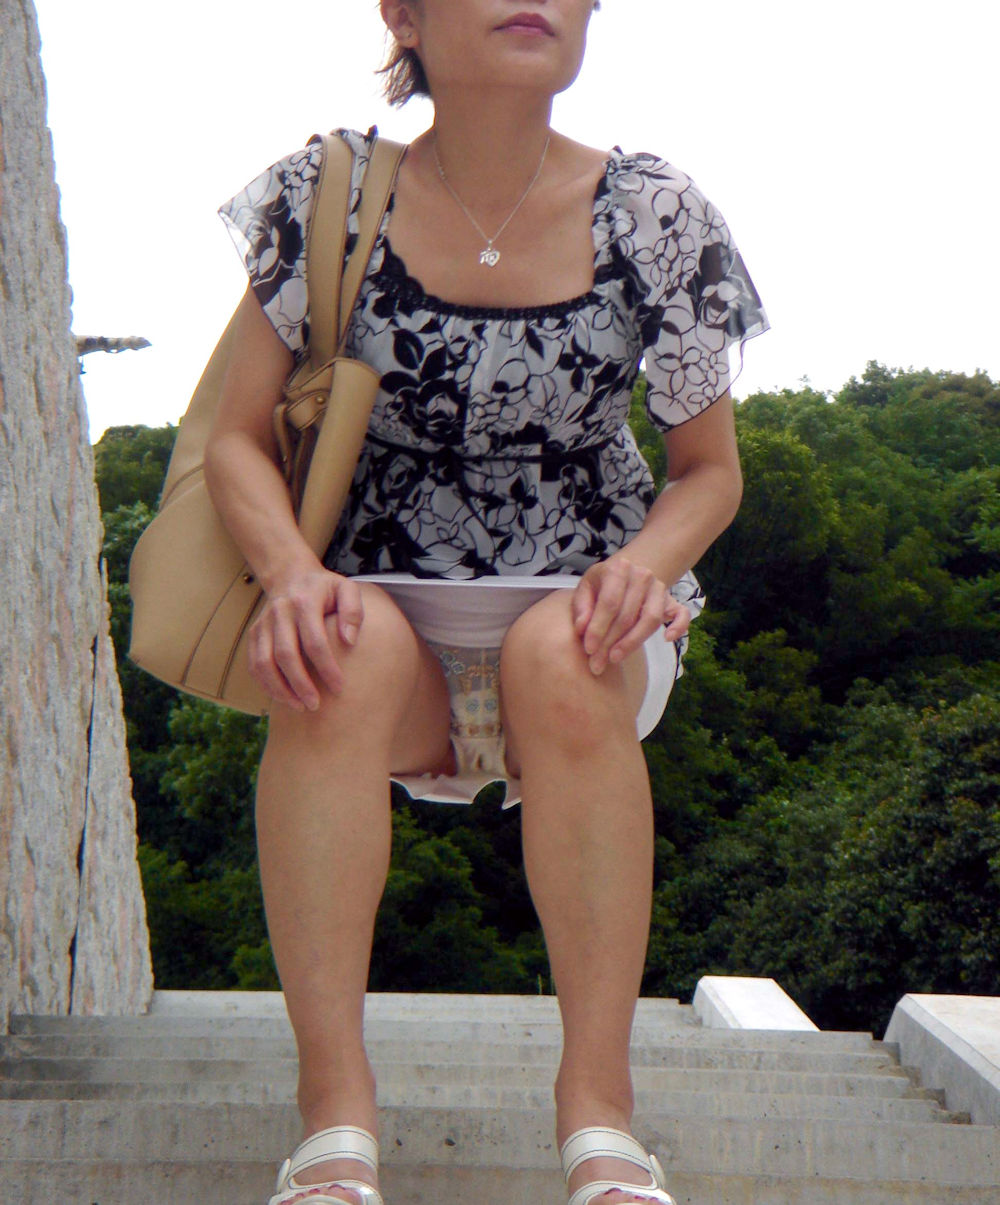 おばちゃん パンチラ ミニスカ 熟女 エロ画像【1】